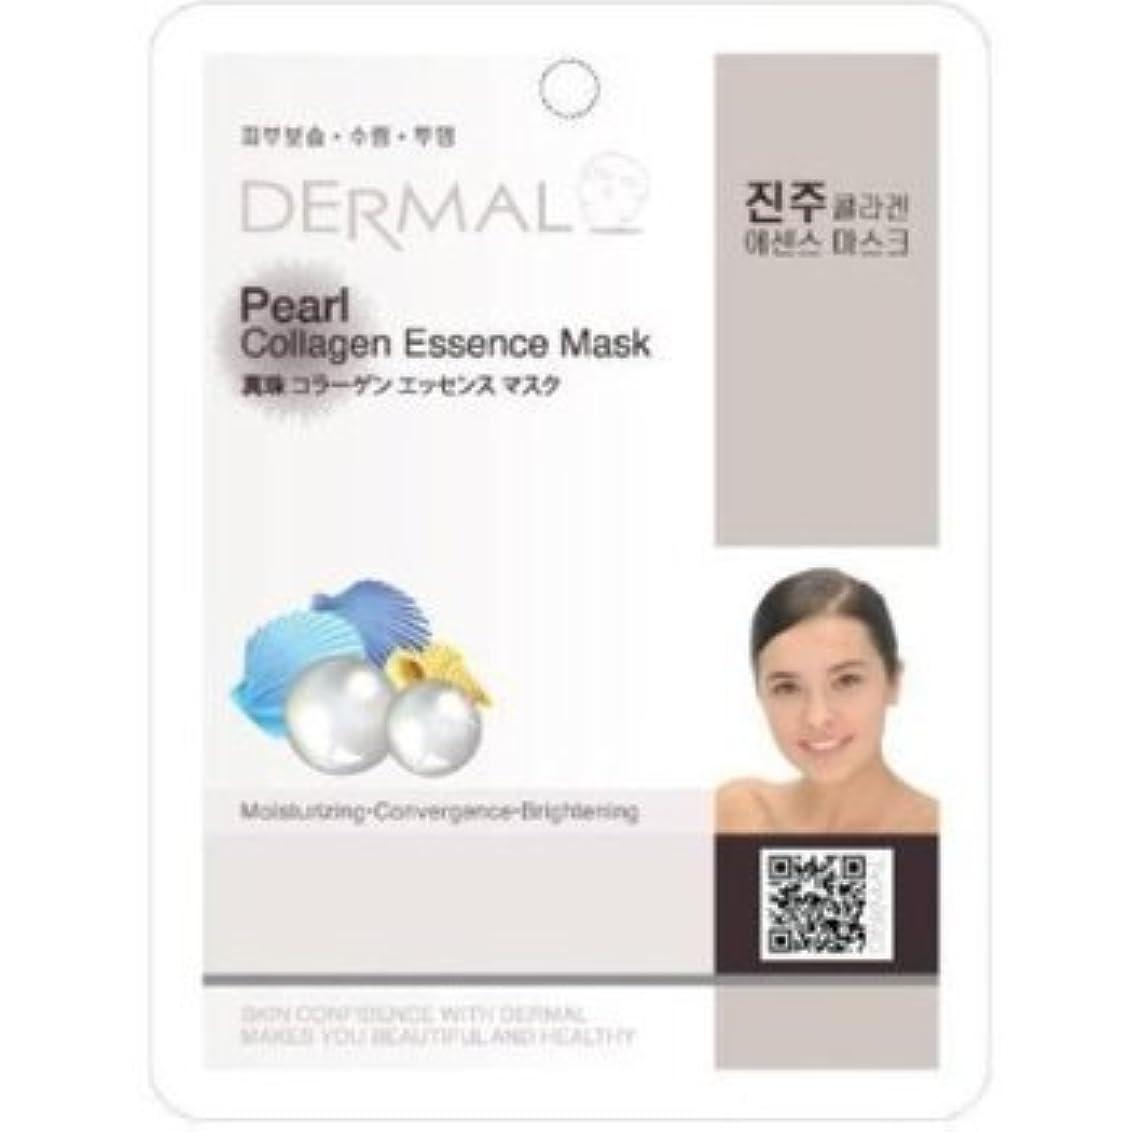 多年生火通りDermal Korea Collagen Essence Full Face Facial Mask Sheet - Pearl (100 pcs, 1box)